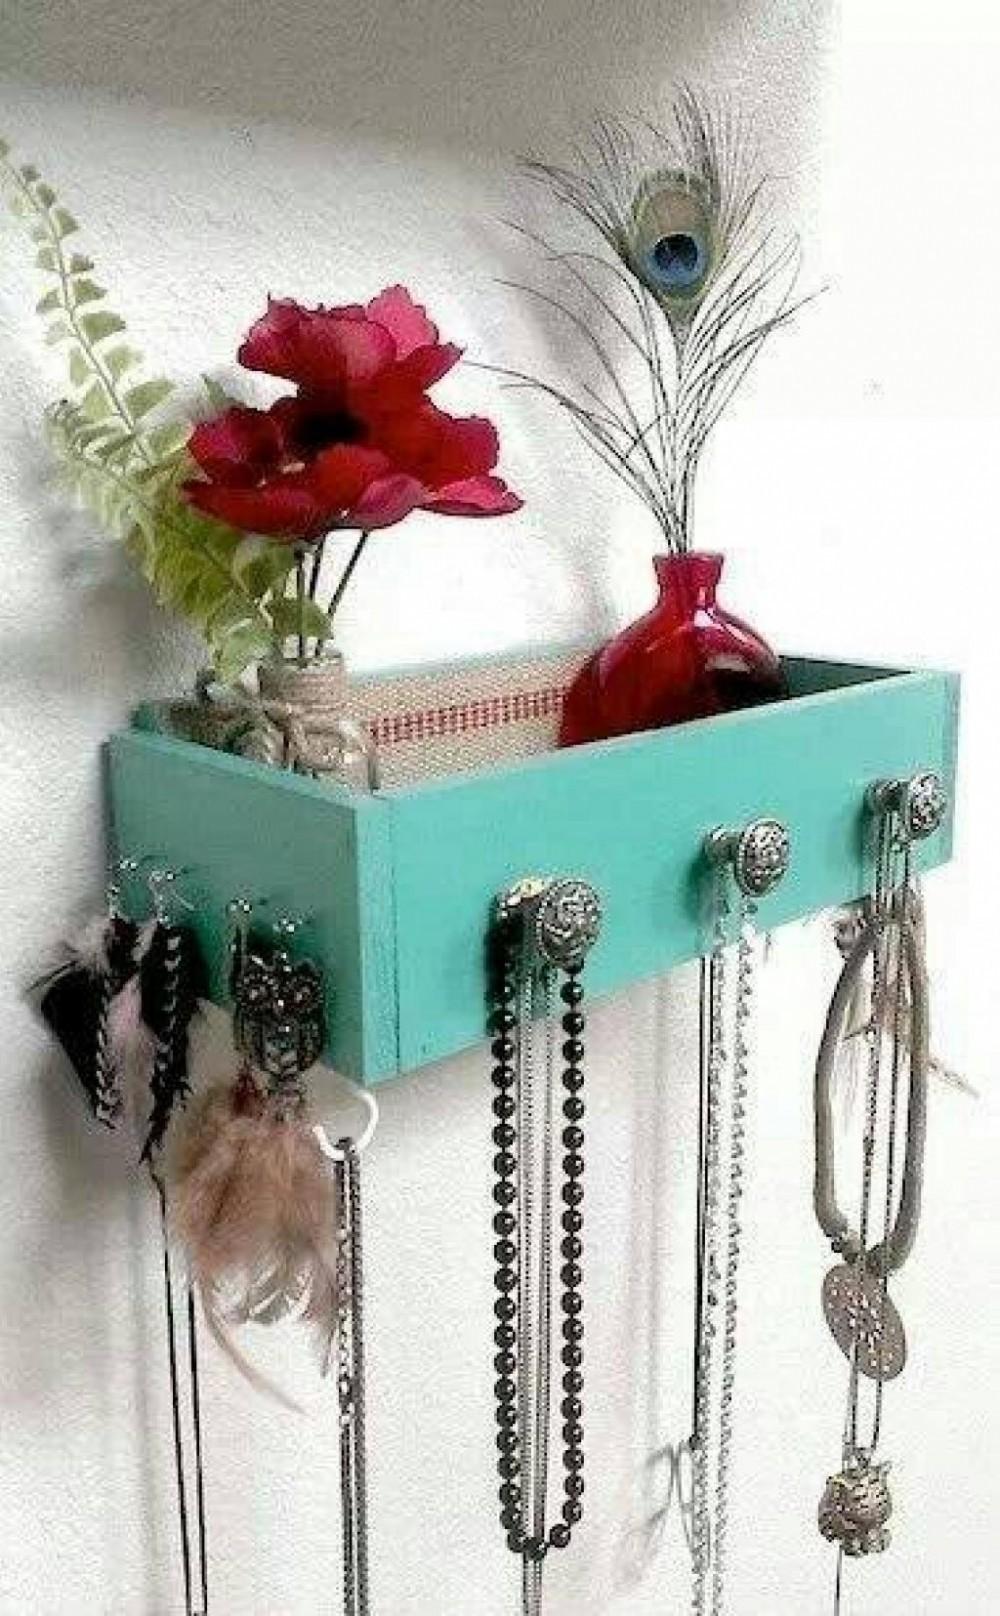 10 ideas sencillas para decorar y renovar el hogar - Ideas para decorar el hogar ...